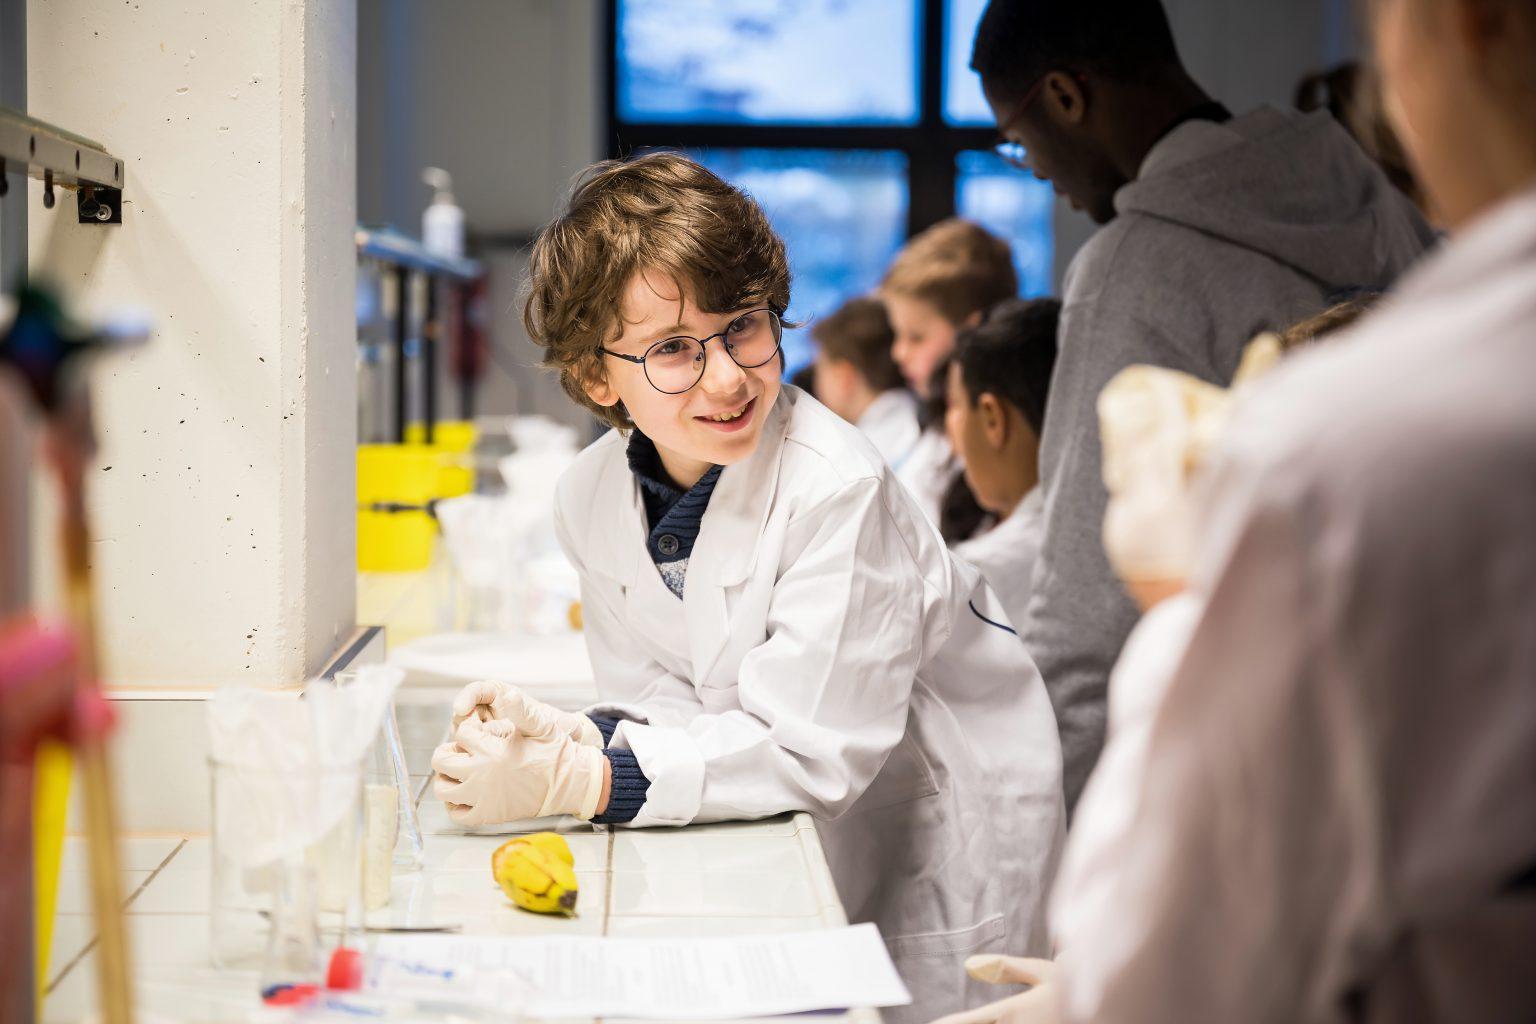 Amusement et intérêt pour les ateliers,Ateliers scientifiques de l'UDEC au Biopark deCharleroi, Aurore Delsoir photographe corporate